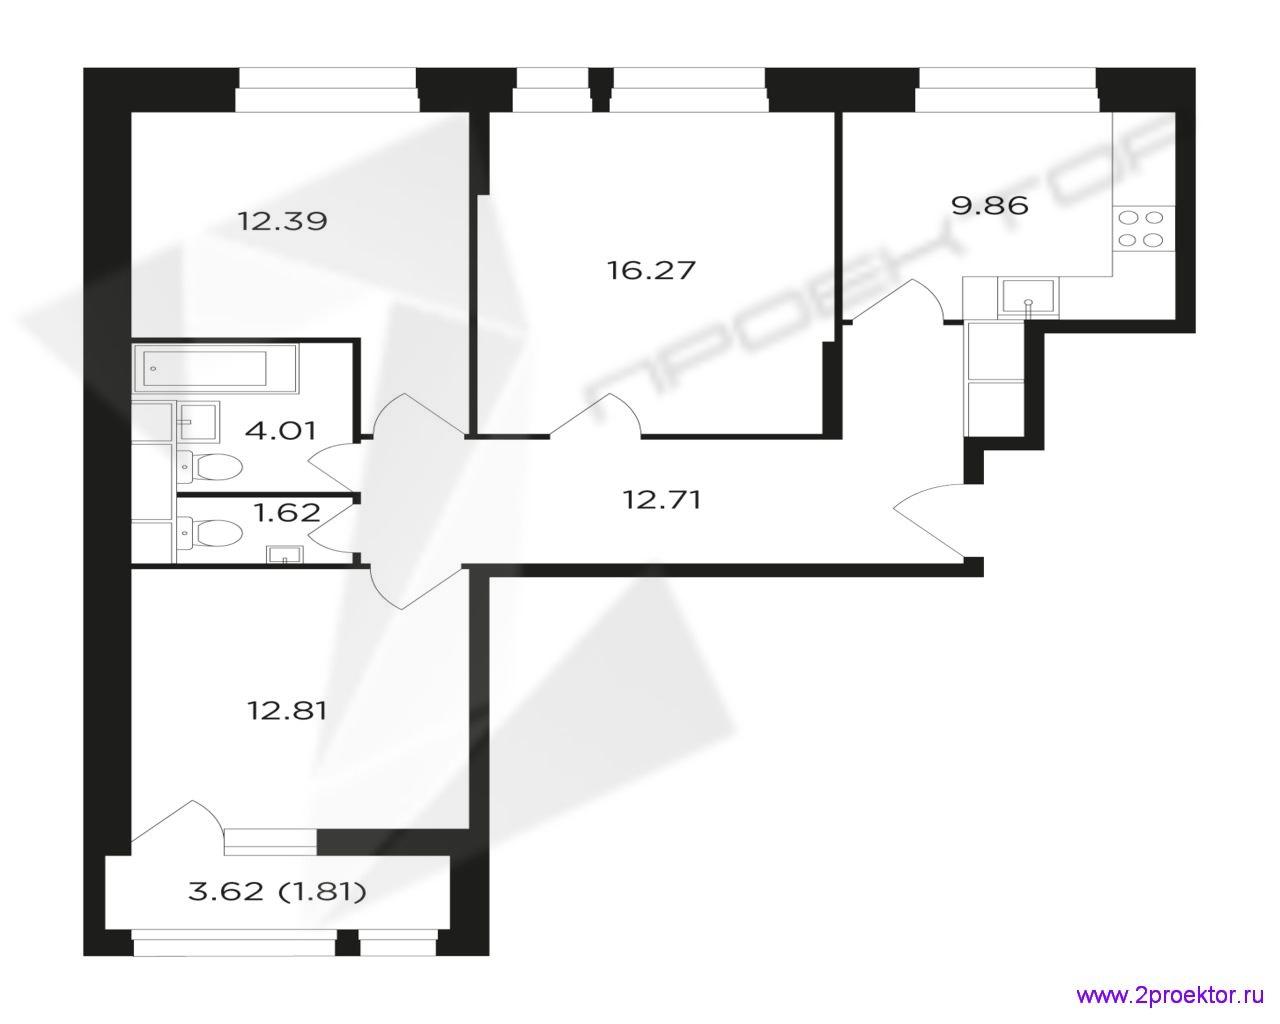 Типовой вариант планировки трехкомнатной квартиры в Жилом комплексе Преображение.